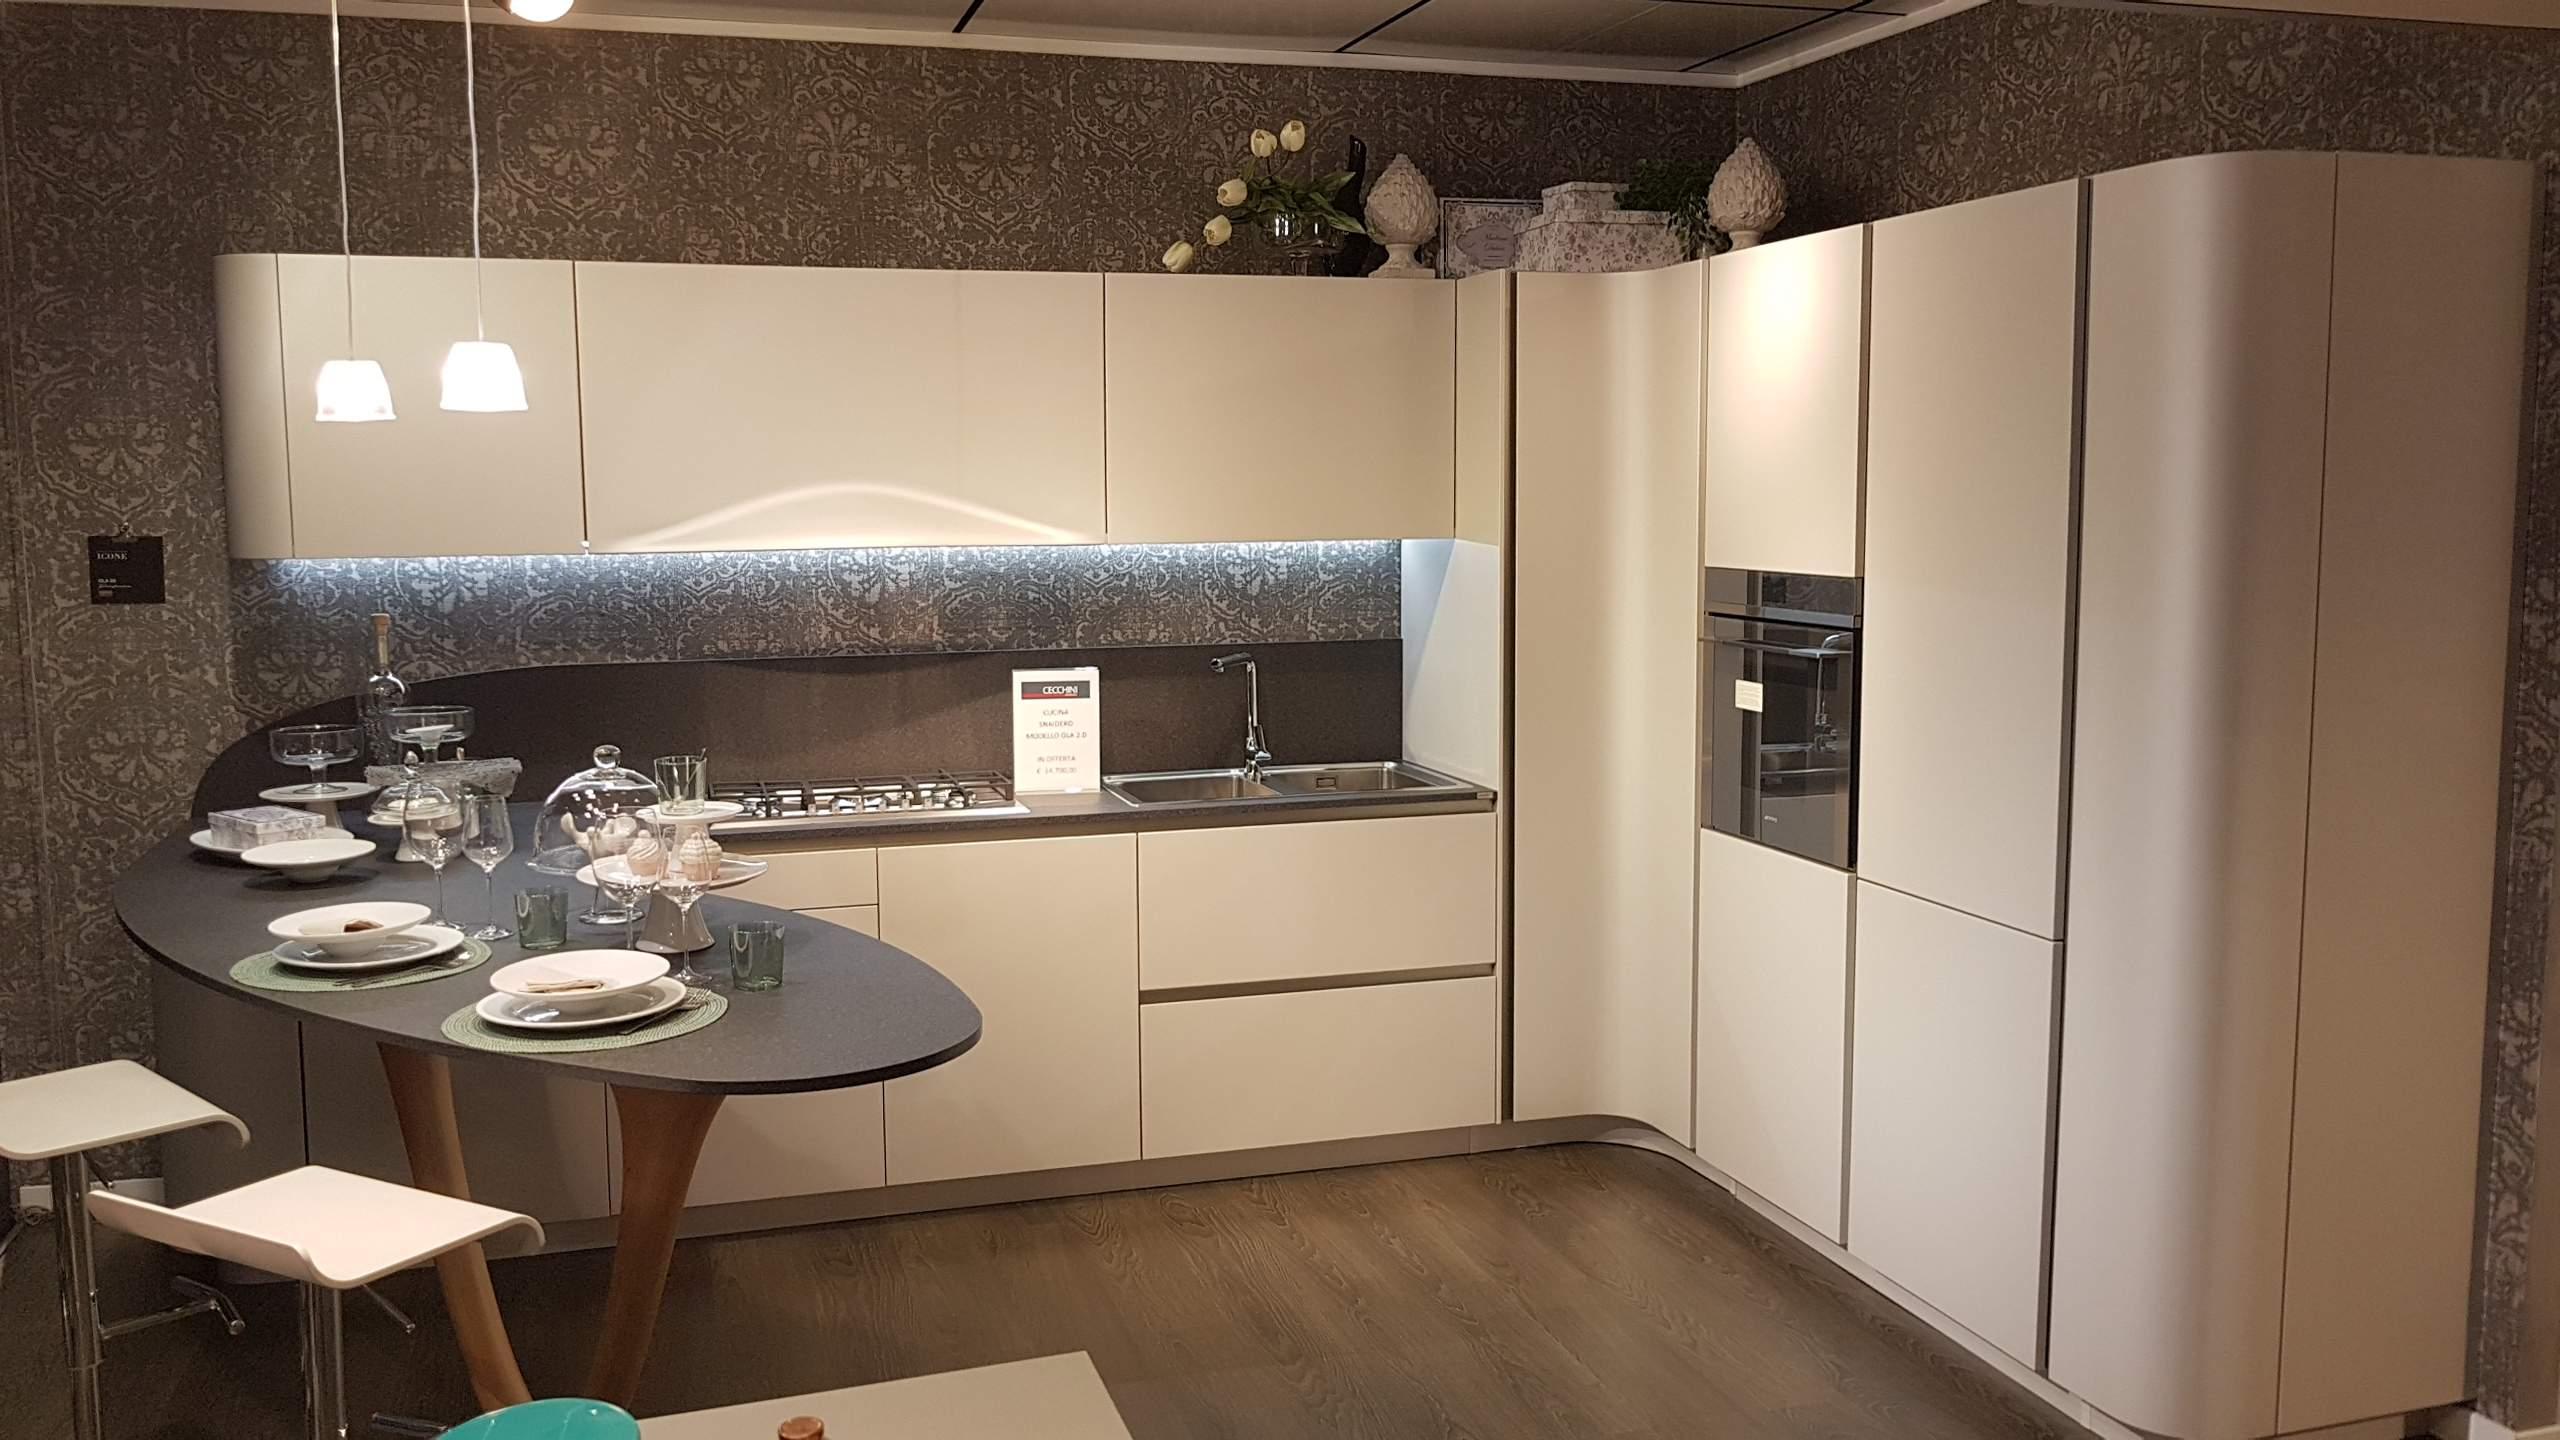 Cucina Snaidero modello Ola | Cecchini Arreda